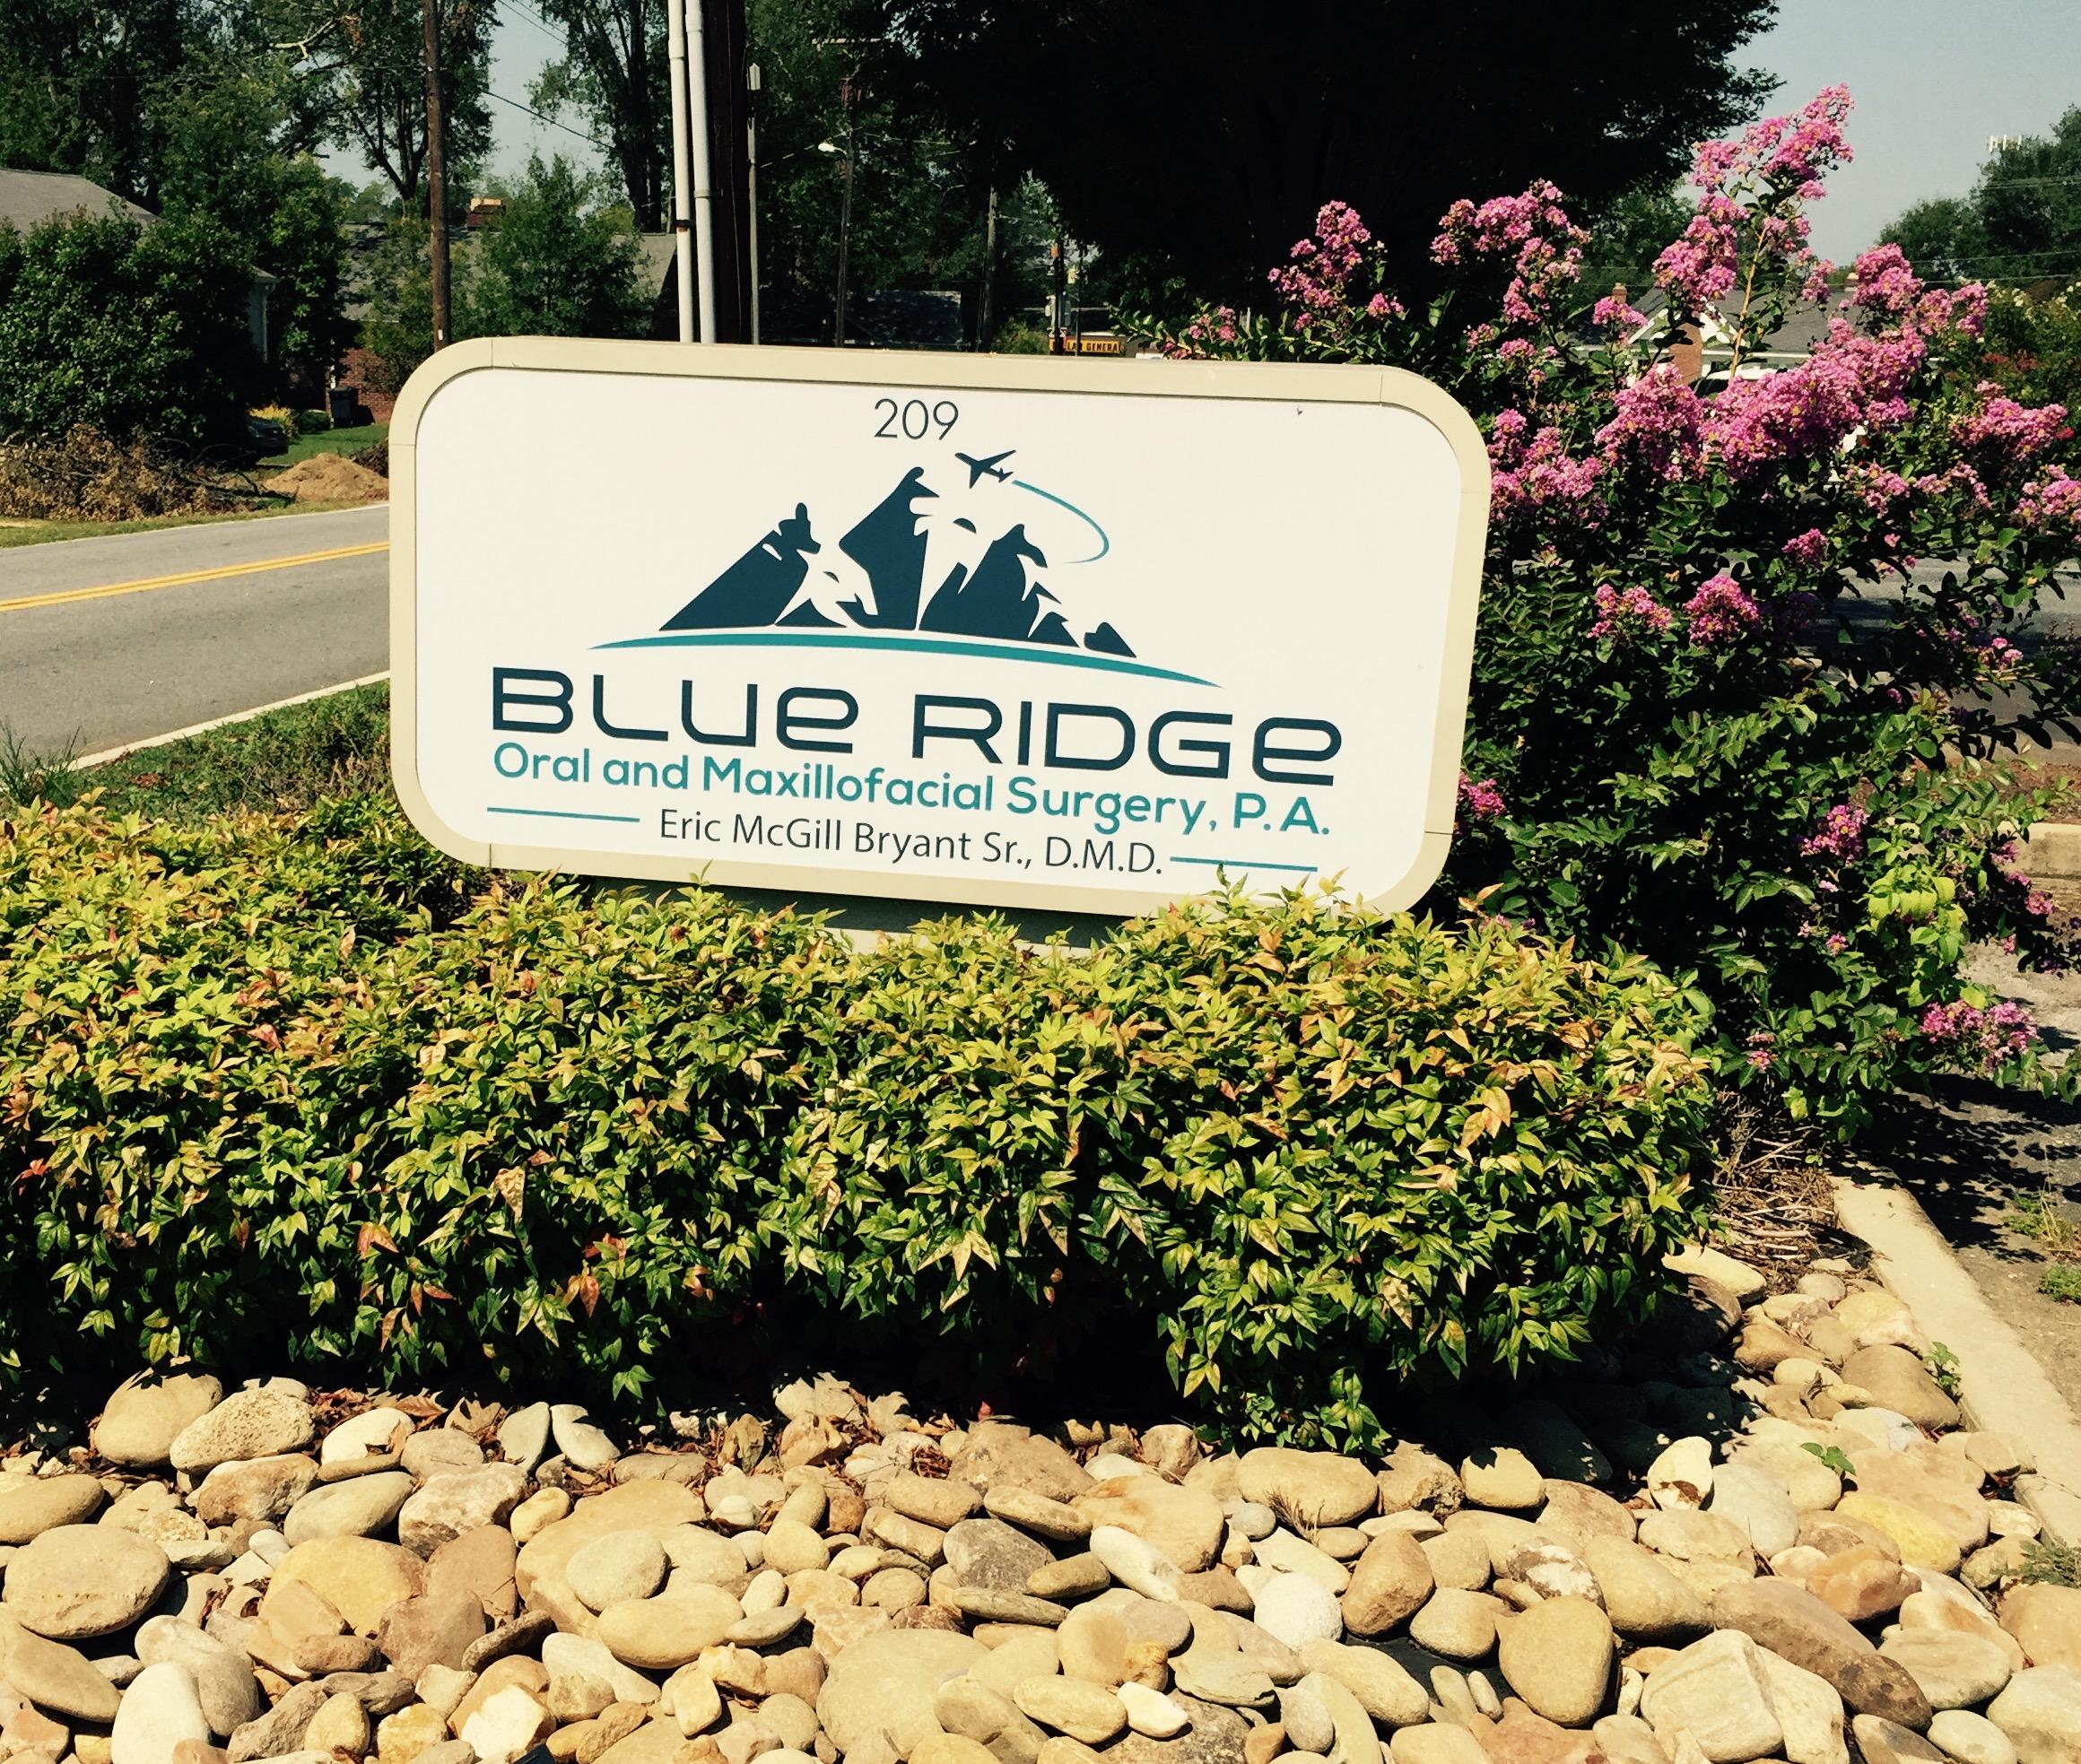 Blue Ridge Oral and Maxillofacial Surgery, P.A.